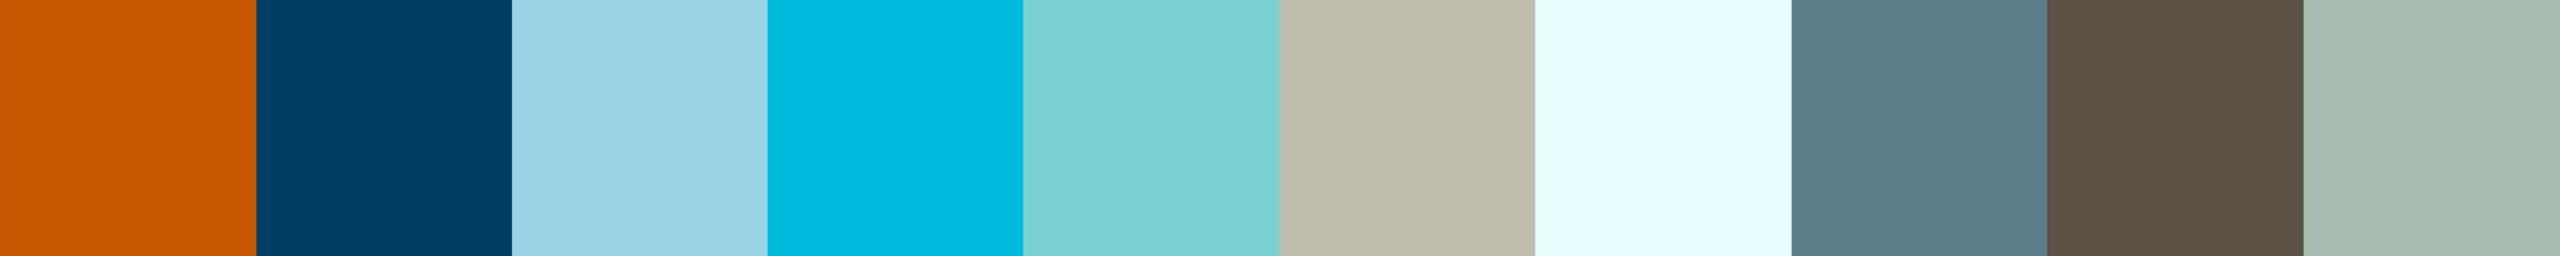 256 Astepon Color Palette